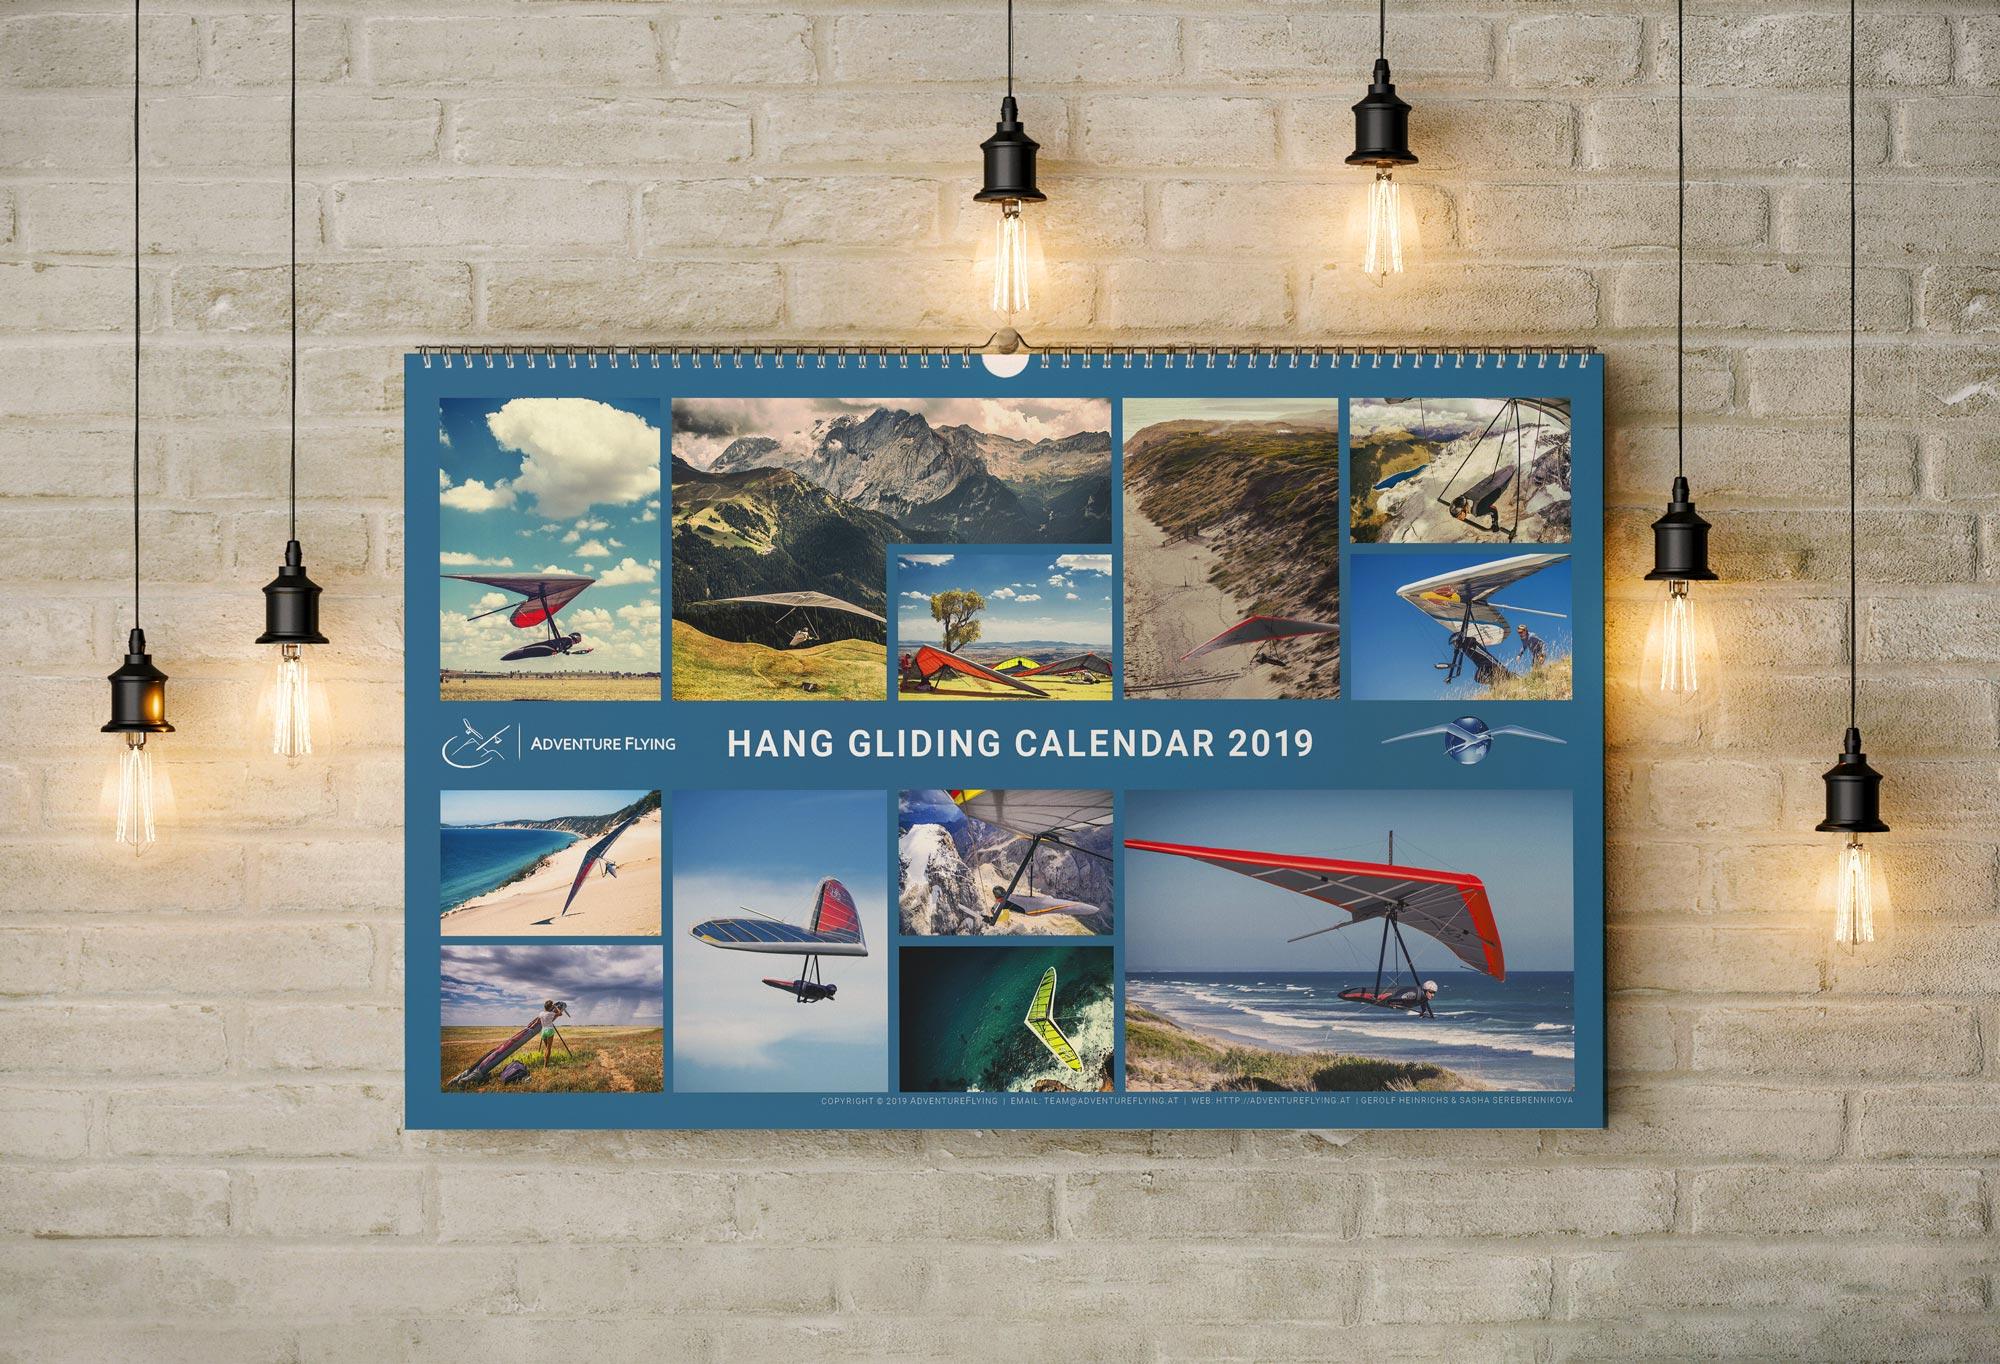 Hang Gliding Calendar